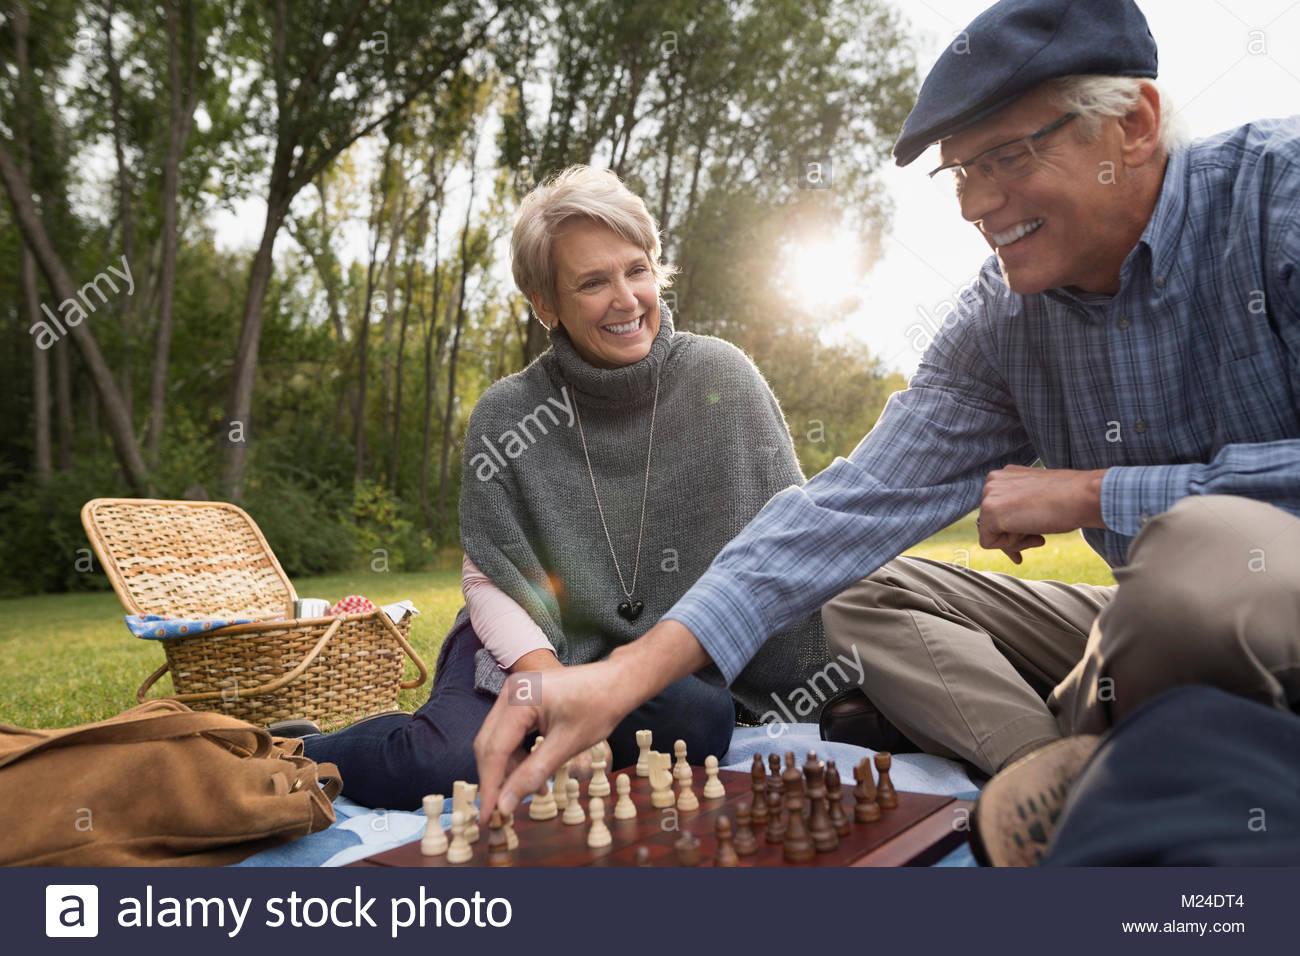 Las parejas ancianas jugando ajedrez en el parque Imagen De Stock